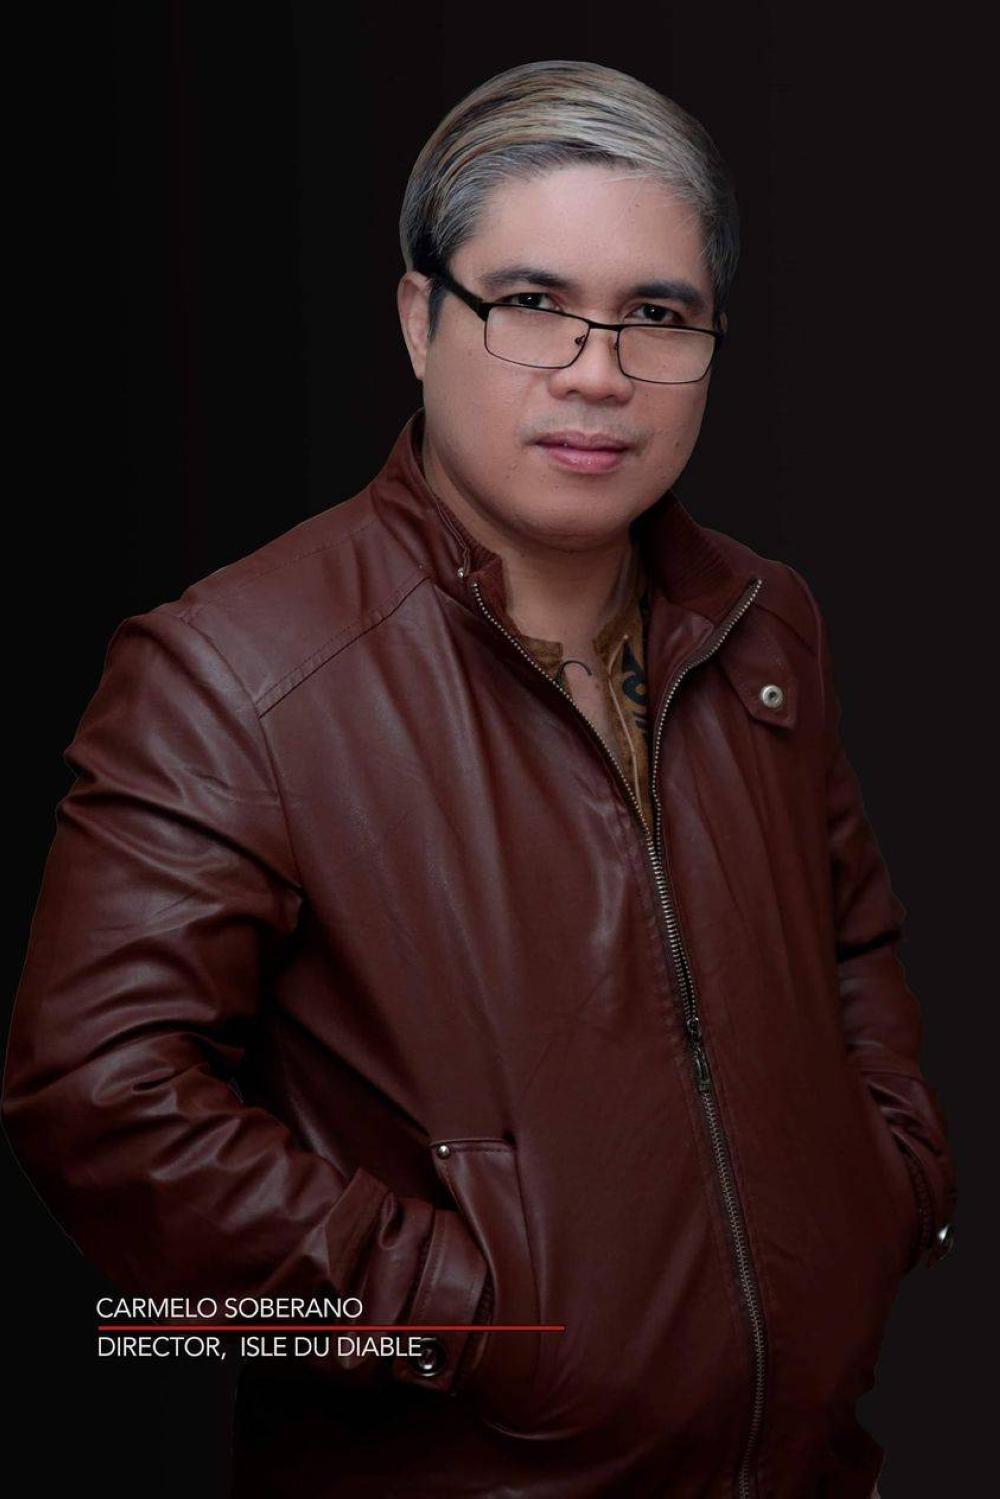 Director Carmelo Soberano